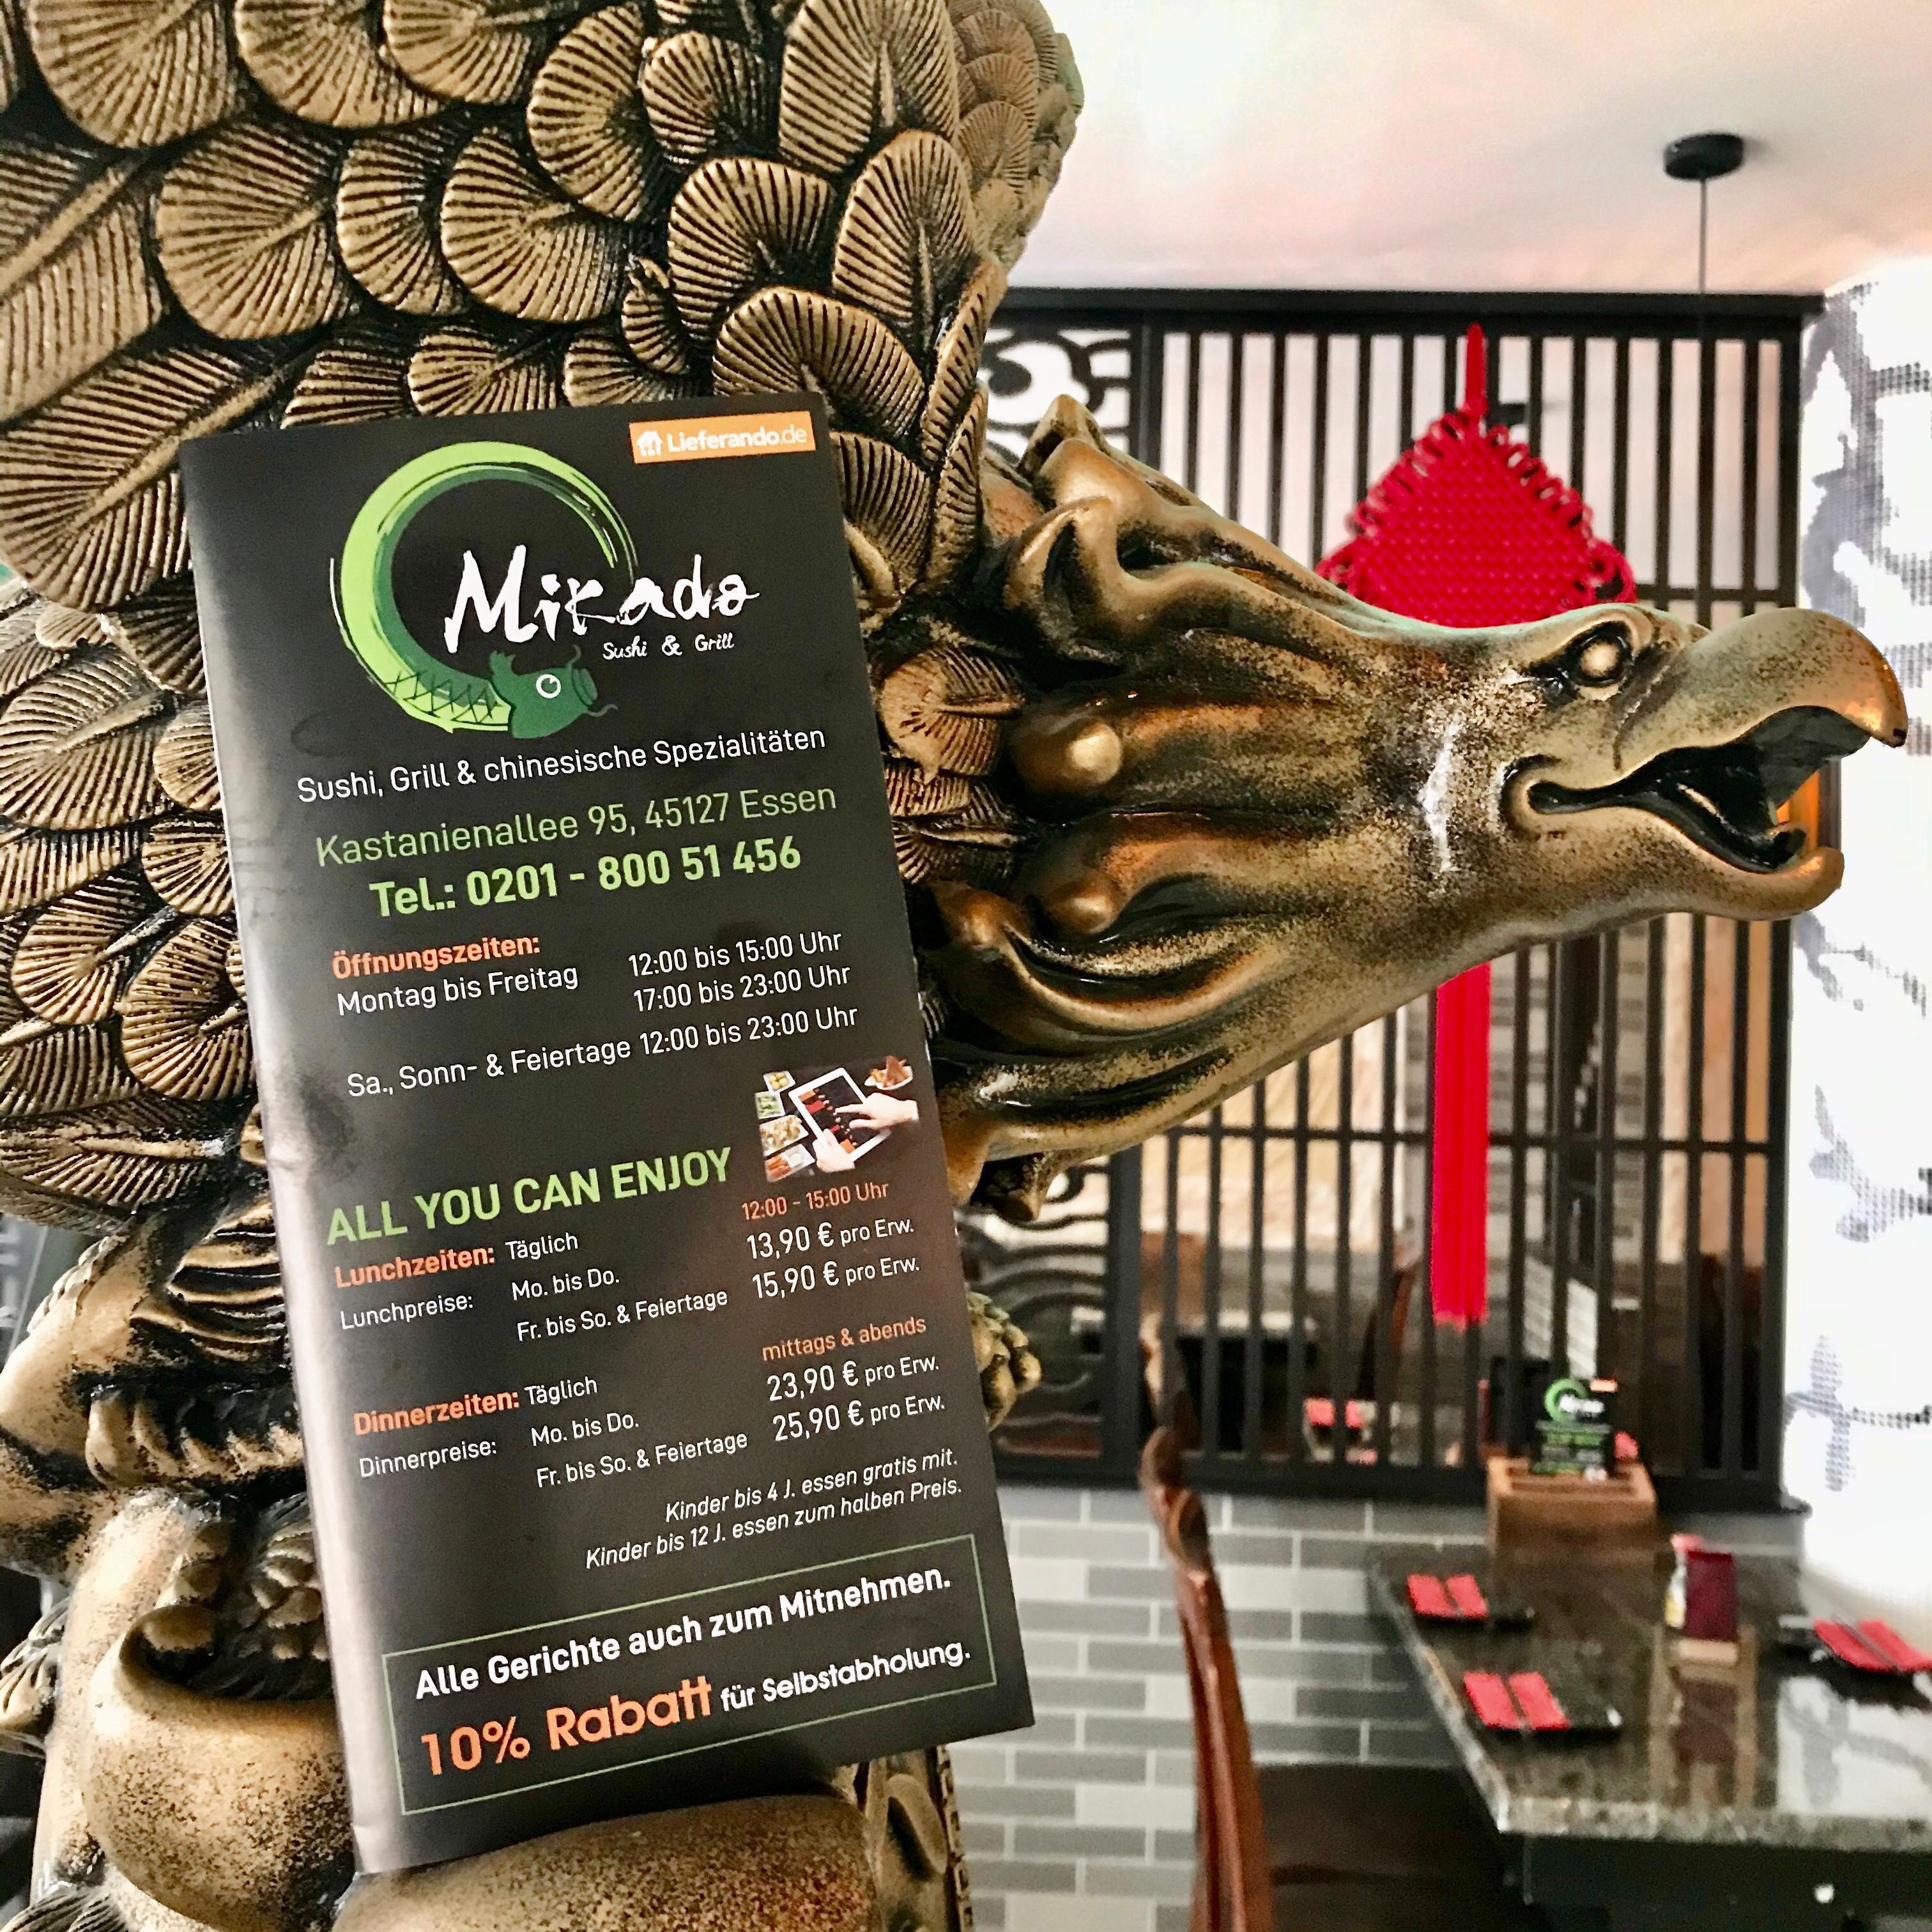 Profilbild von Mikado Sushi & Grill in Essen